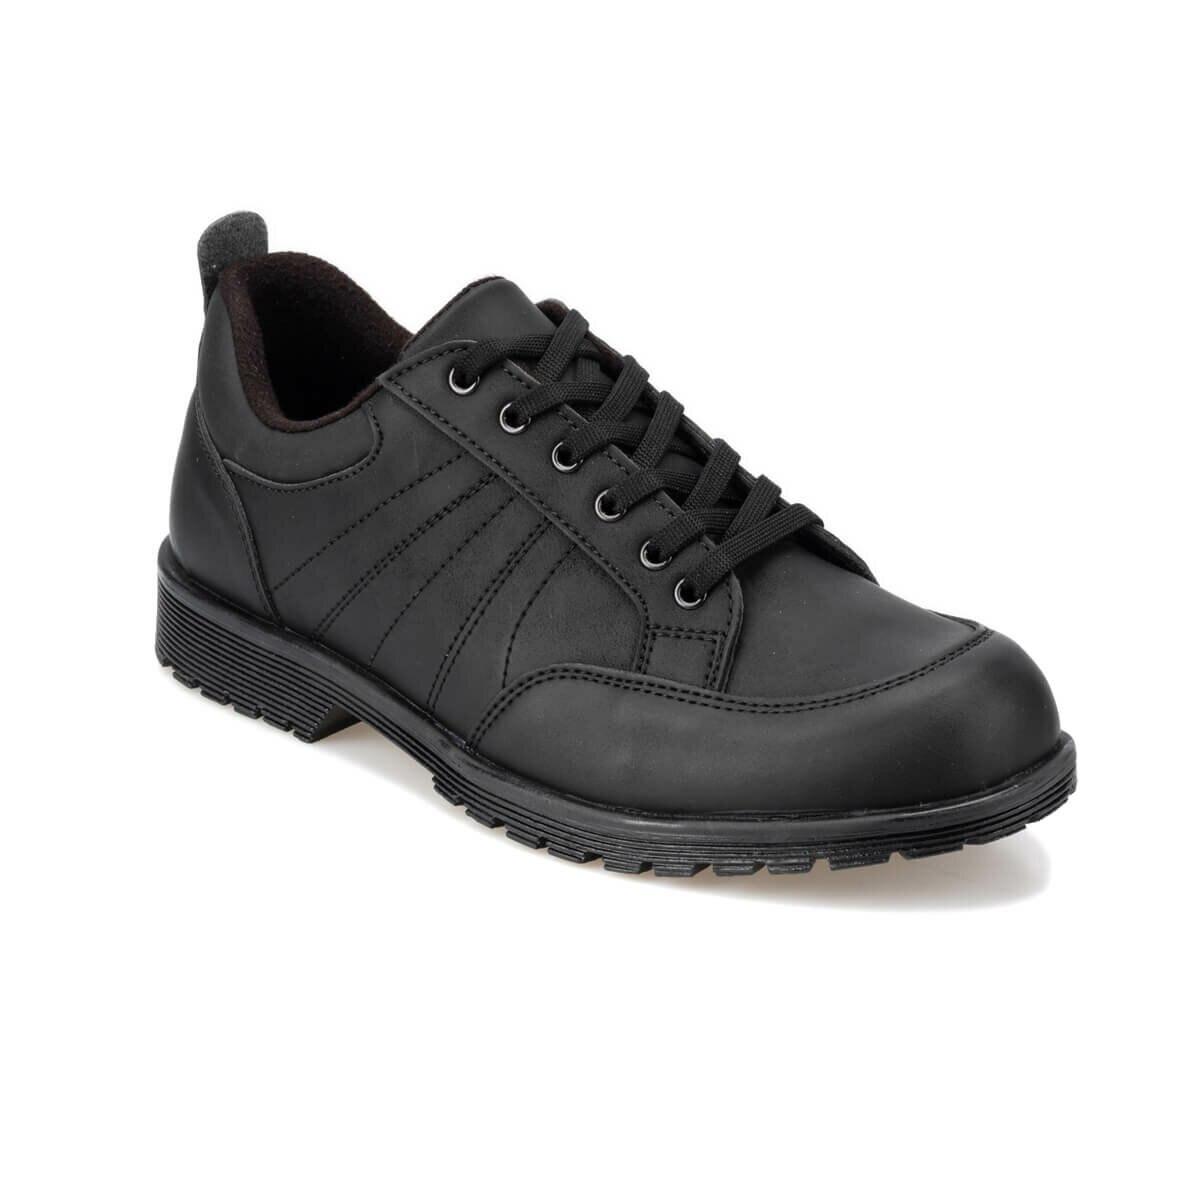 FLO 92.356077.M zapatos negros Polaris